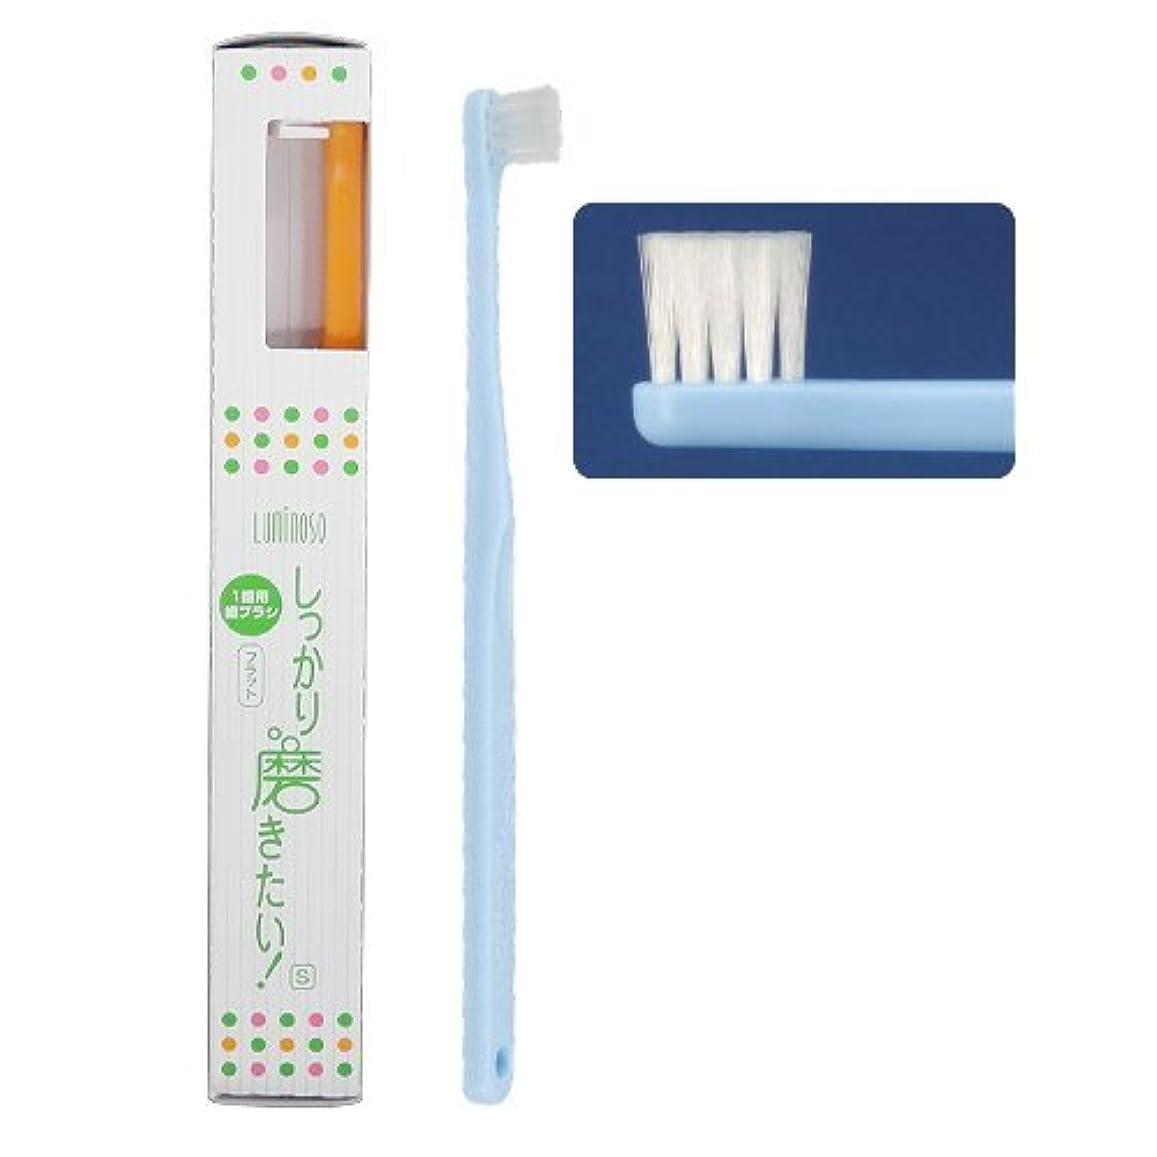 避ける希少性ボウリングルミノソ 1歯用歯ブラシ 「しっかり磨きたい!」 フラット ソフト (カラー指定不可) 3本